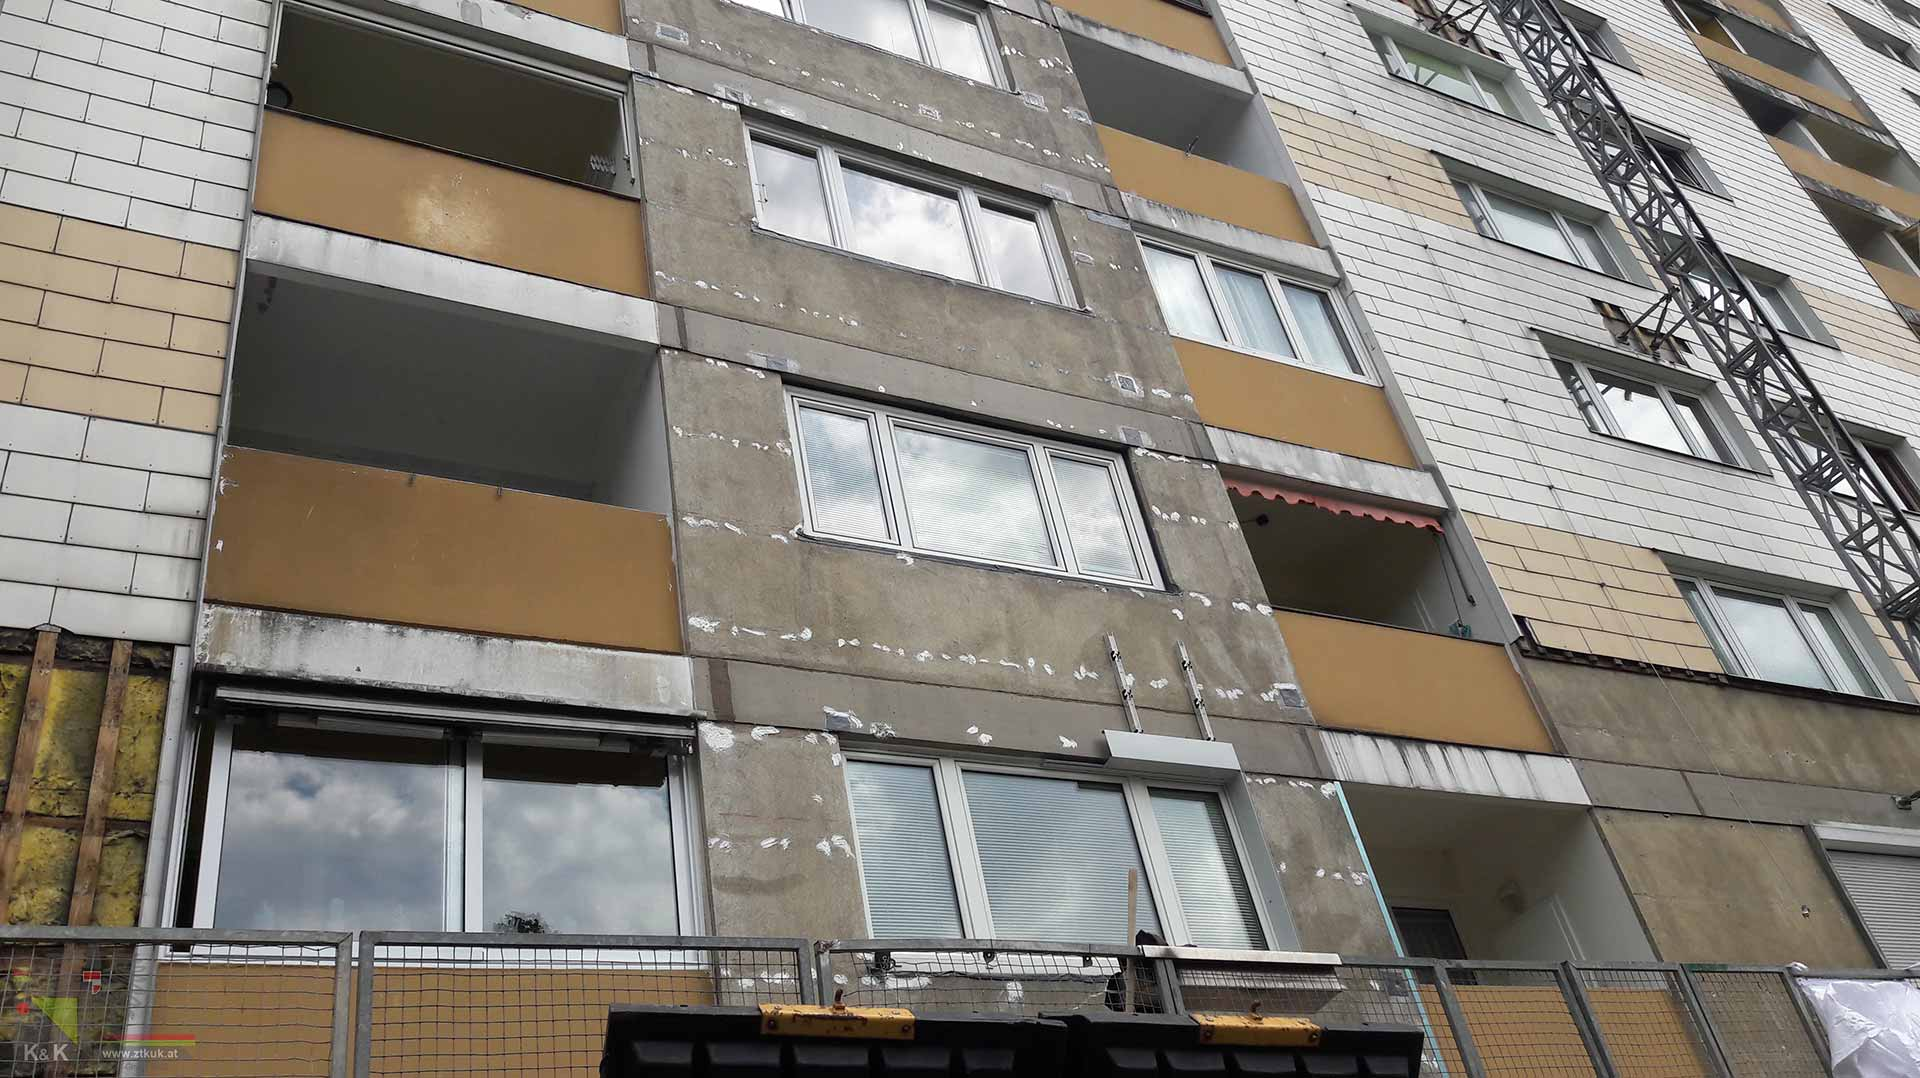 Fassadensanierung Bauaufsicht